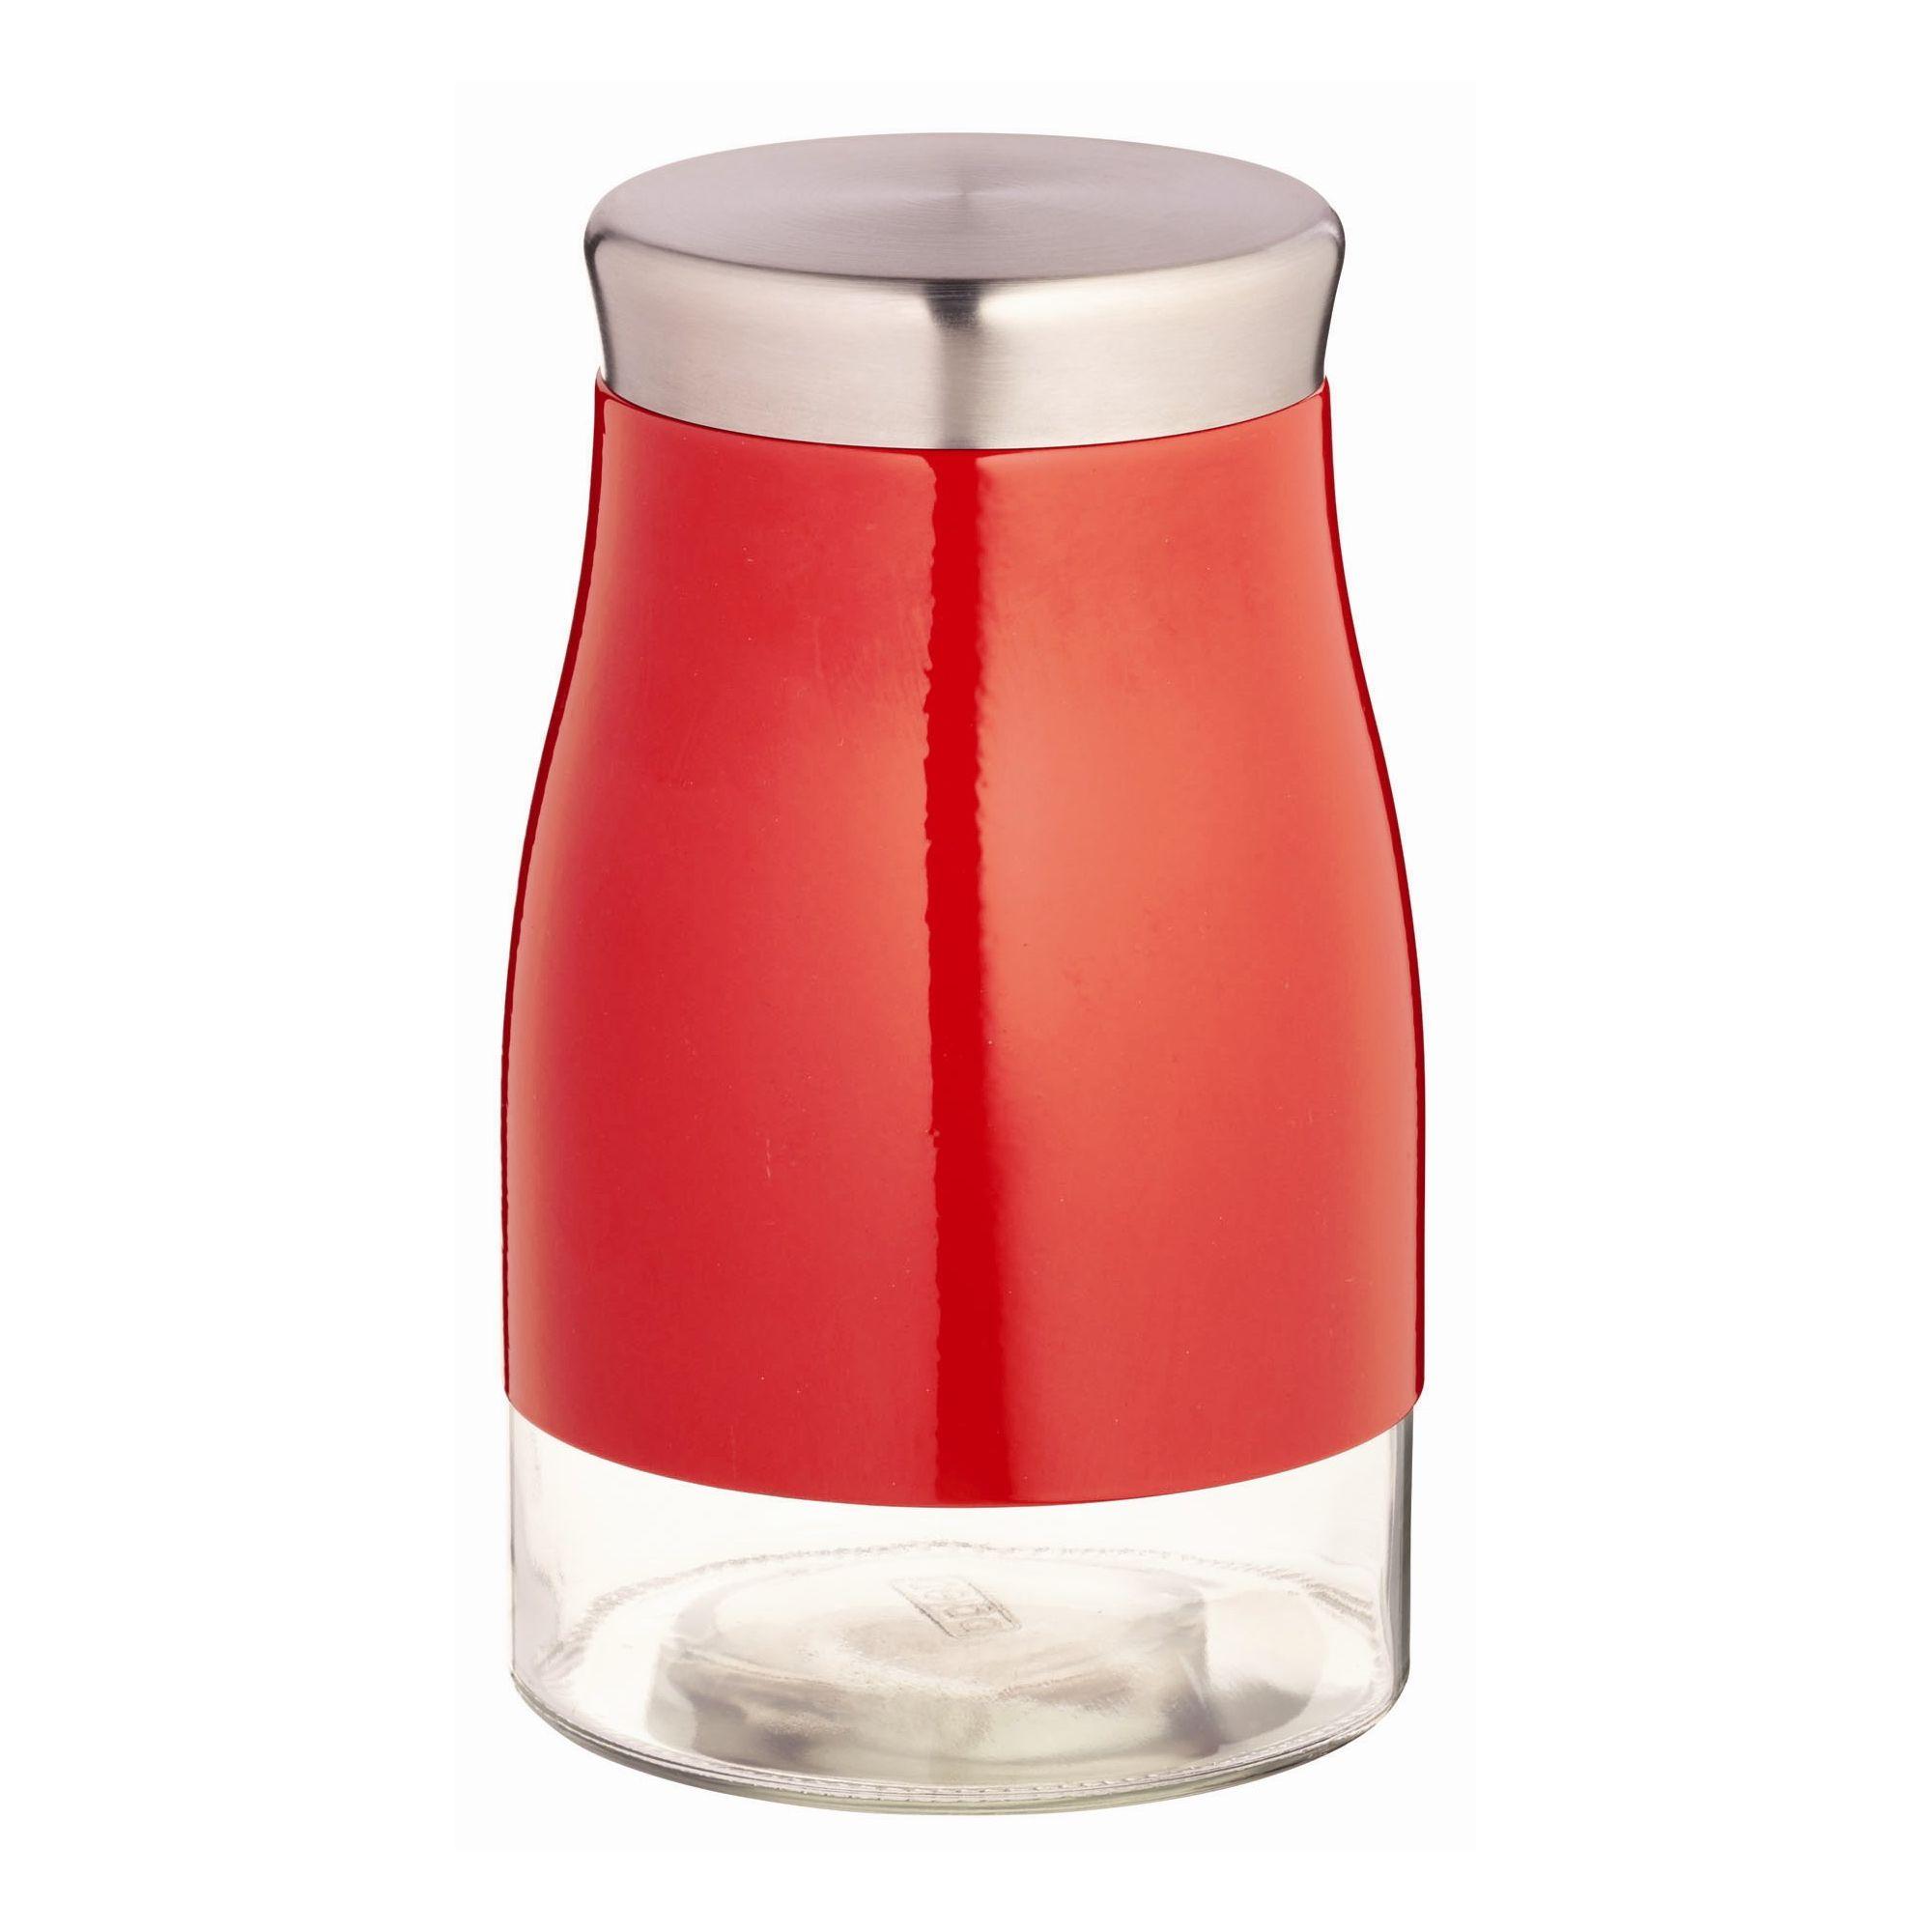 KitchenCraft Metro Kitchen Storage Jar with Coloured Band in Red - 1300 ml